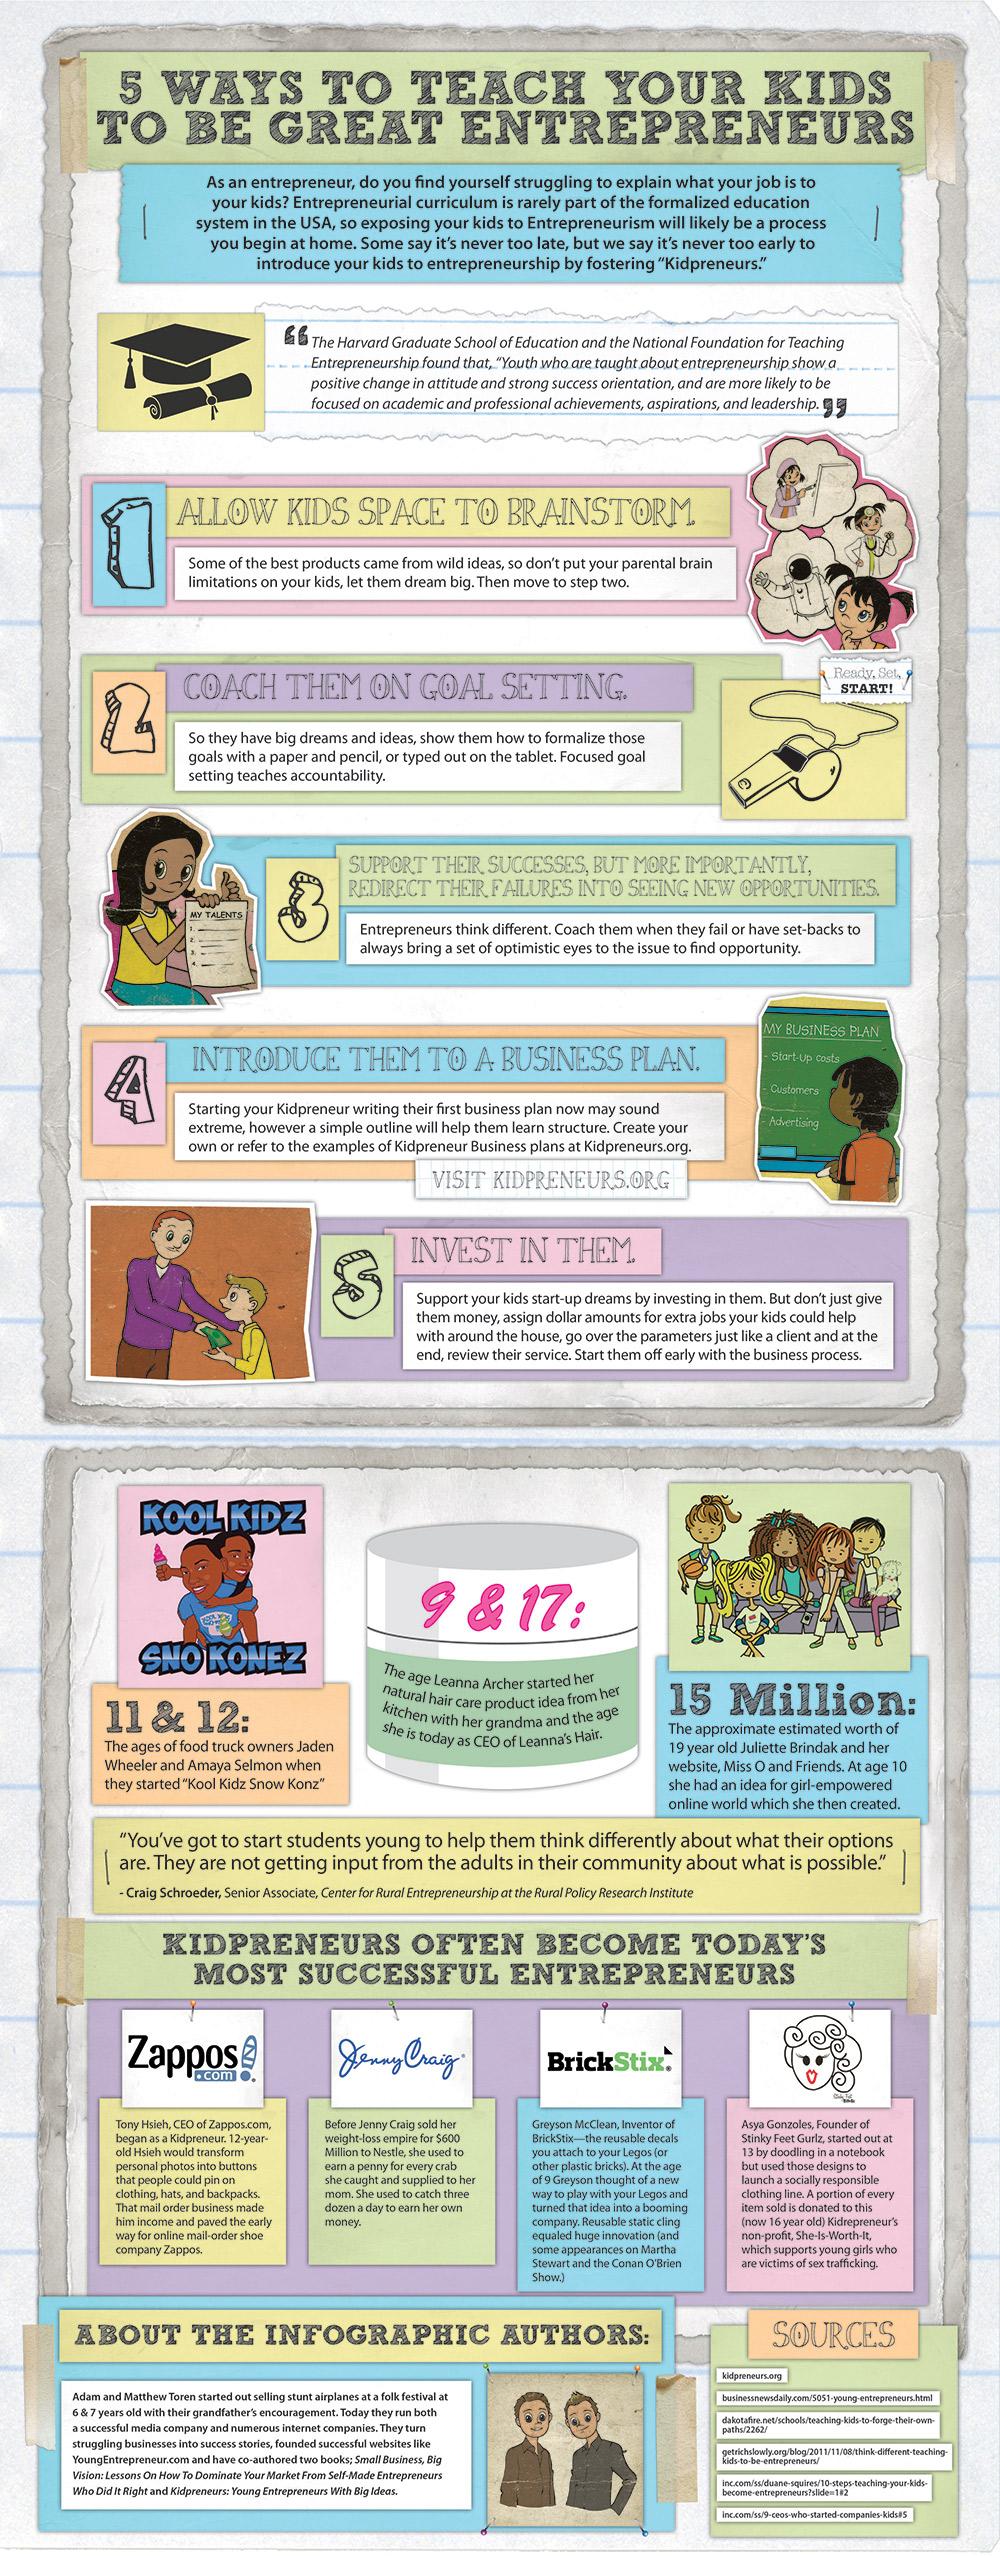 kidpreneur_infographic.jpg